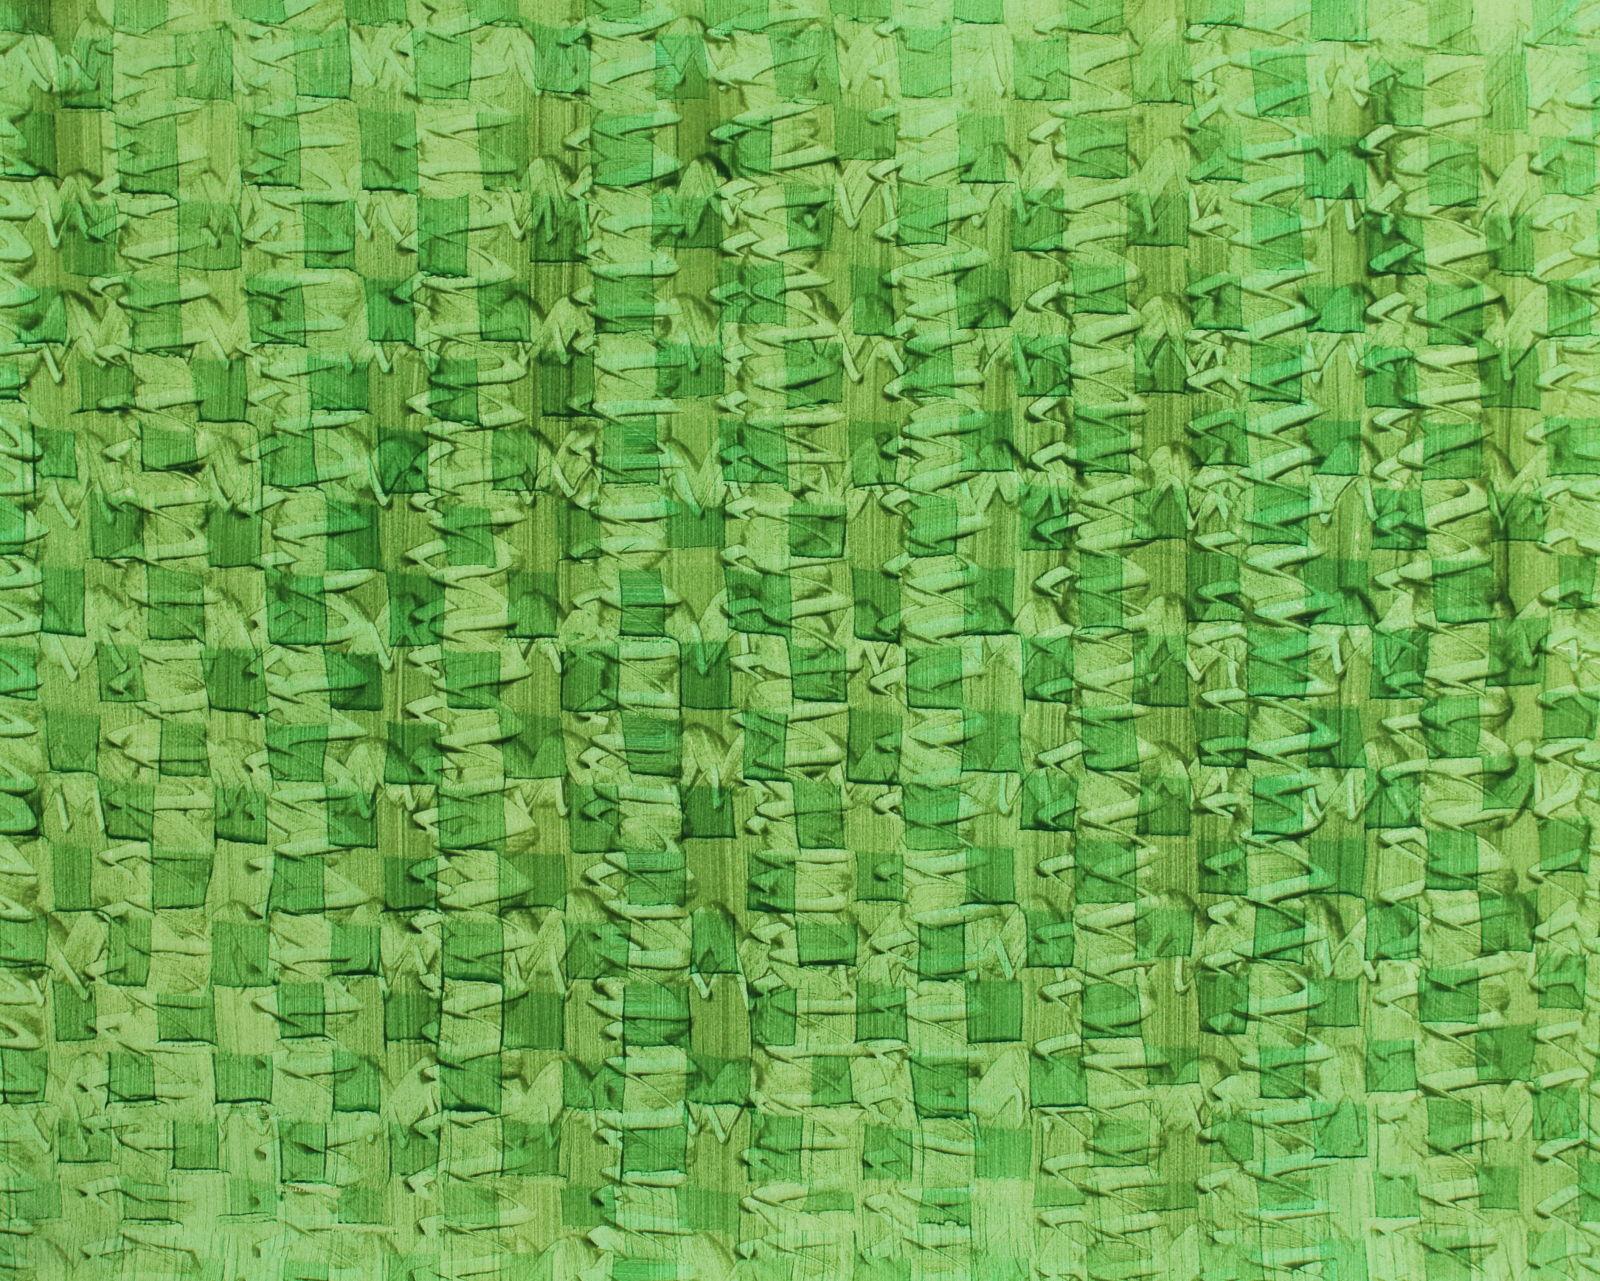 'Green Criss-Cross'